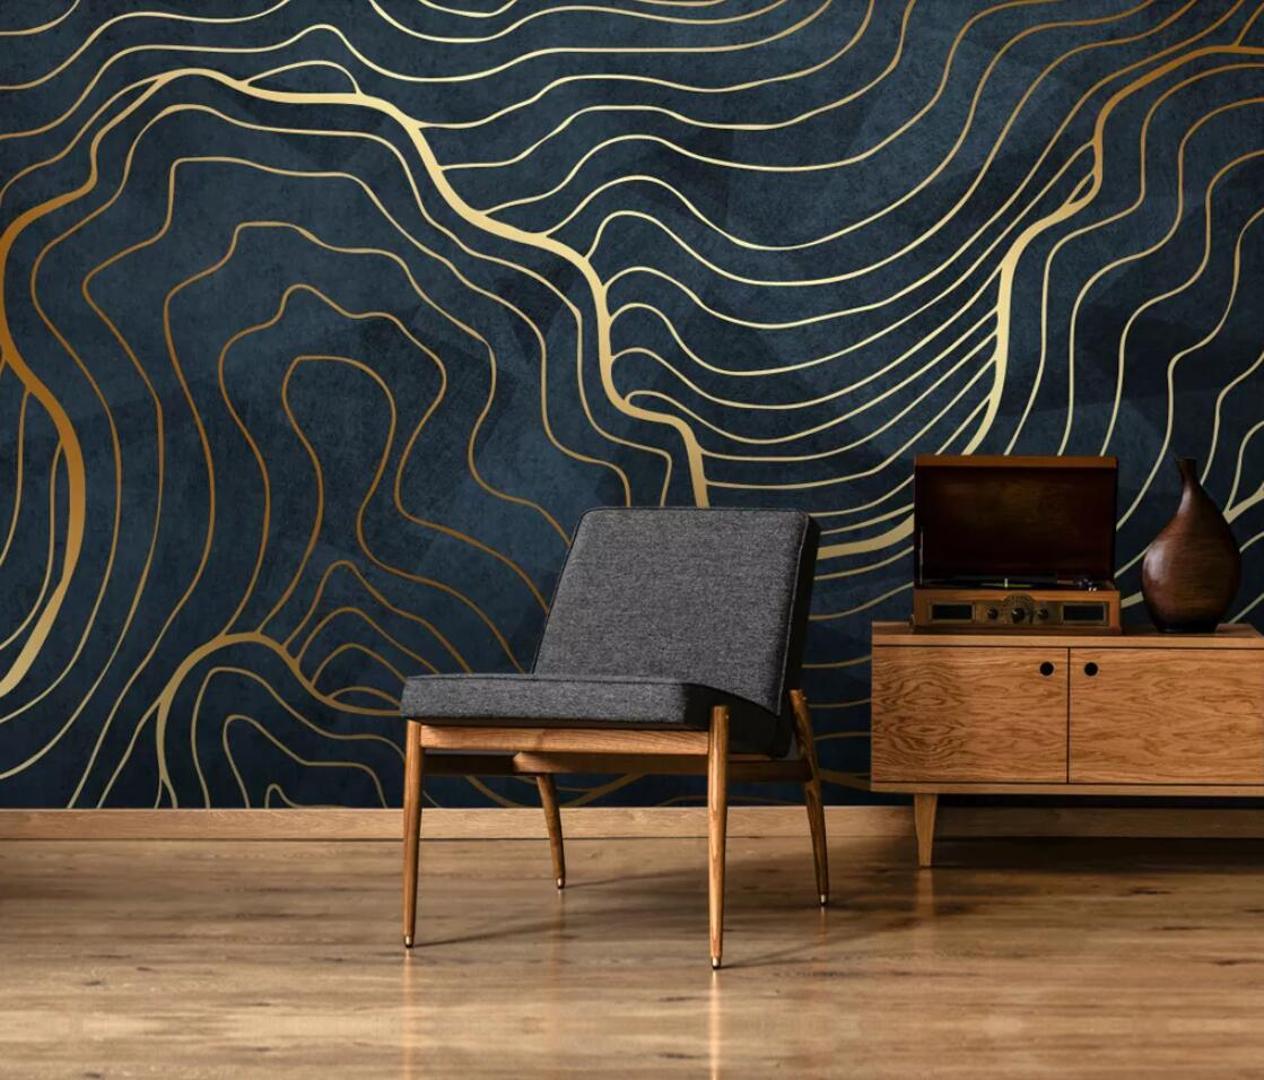 Papier Peint Pour Petit Salon résumé 3d gold line wallpaper creative peint pour le salon art accueil  décorations papel de parede designer wallpaper